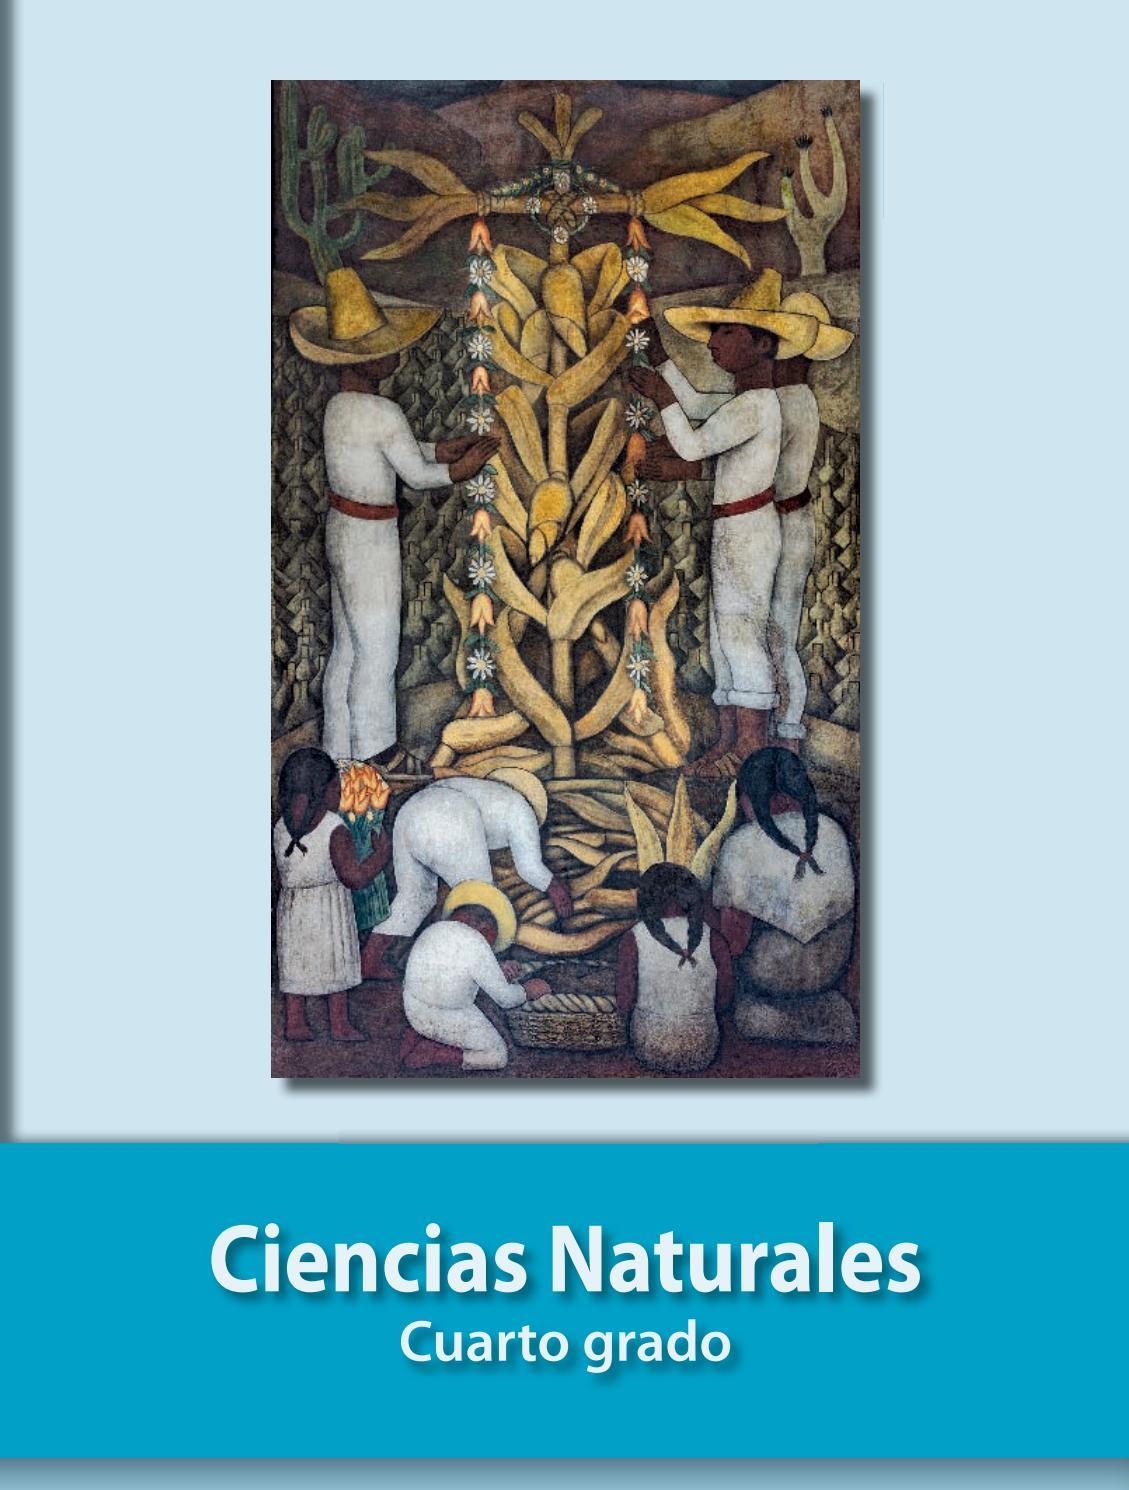 Ciencias Naturales 4to. by Juan Paulo Castro Guerrero - Issuu